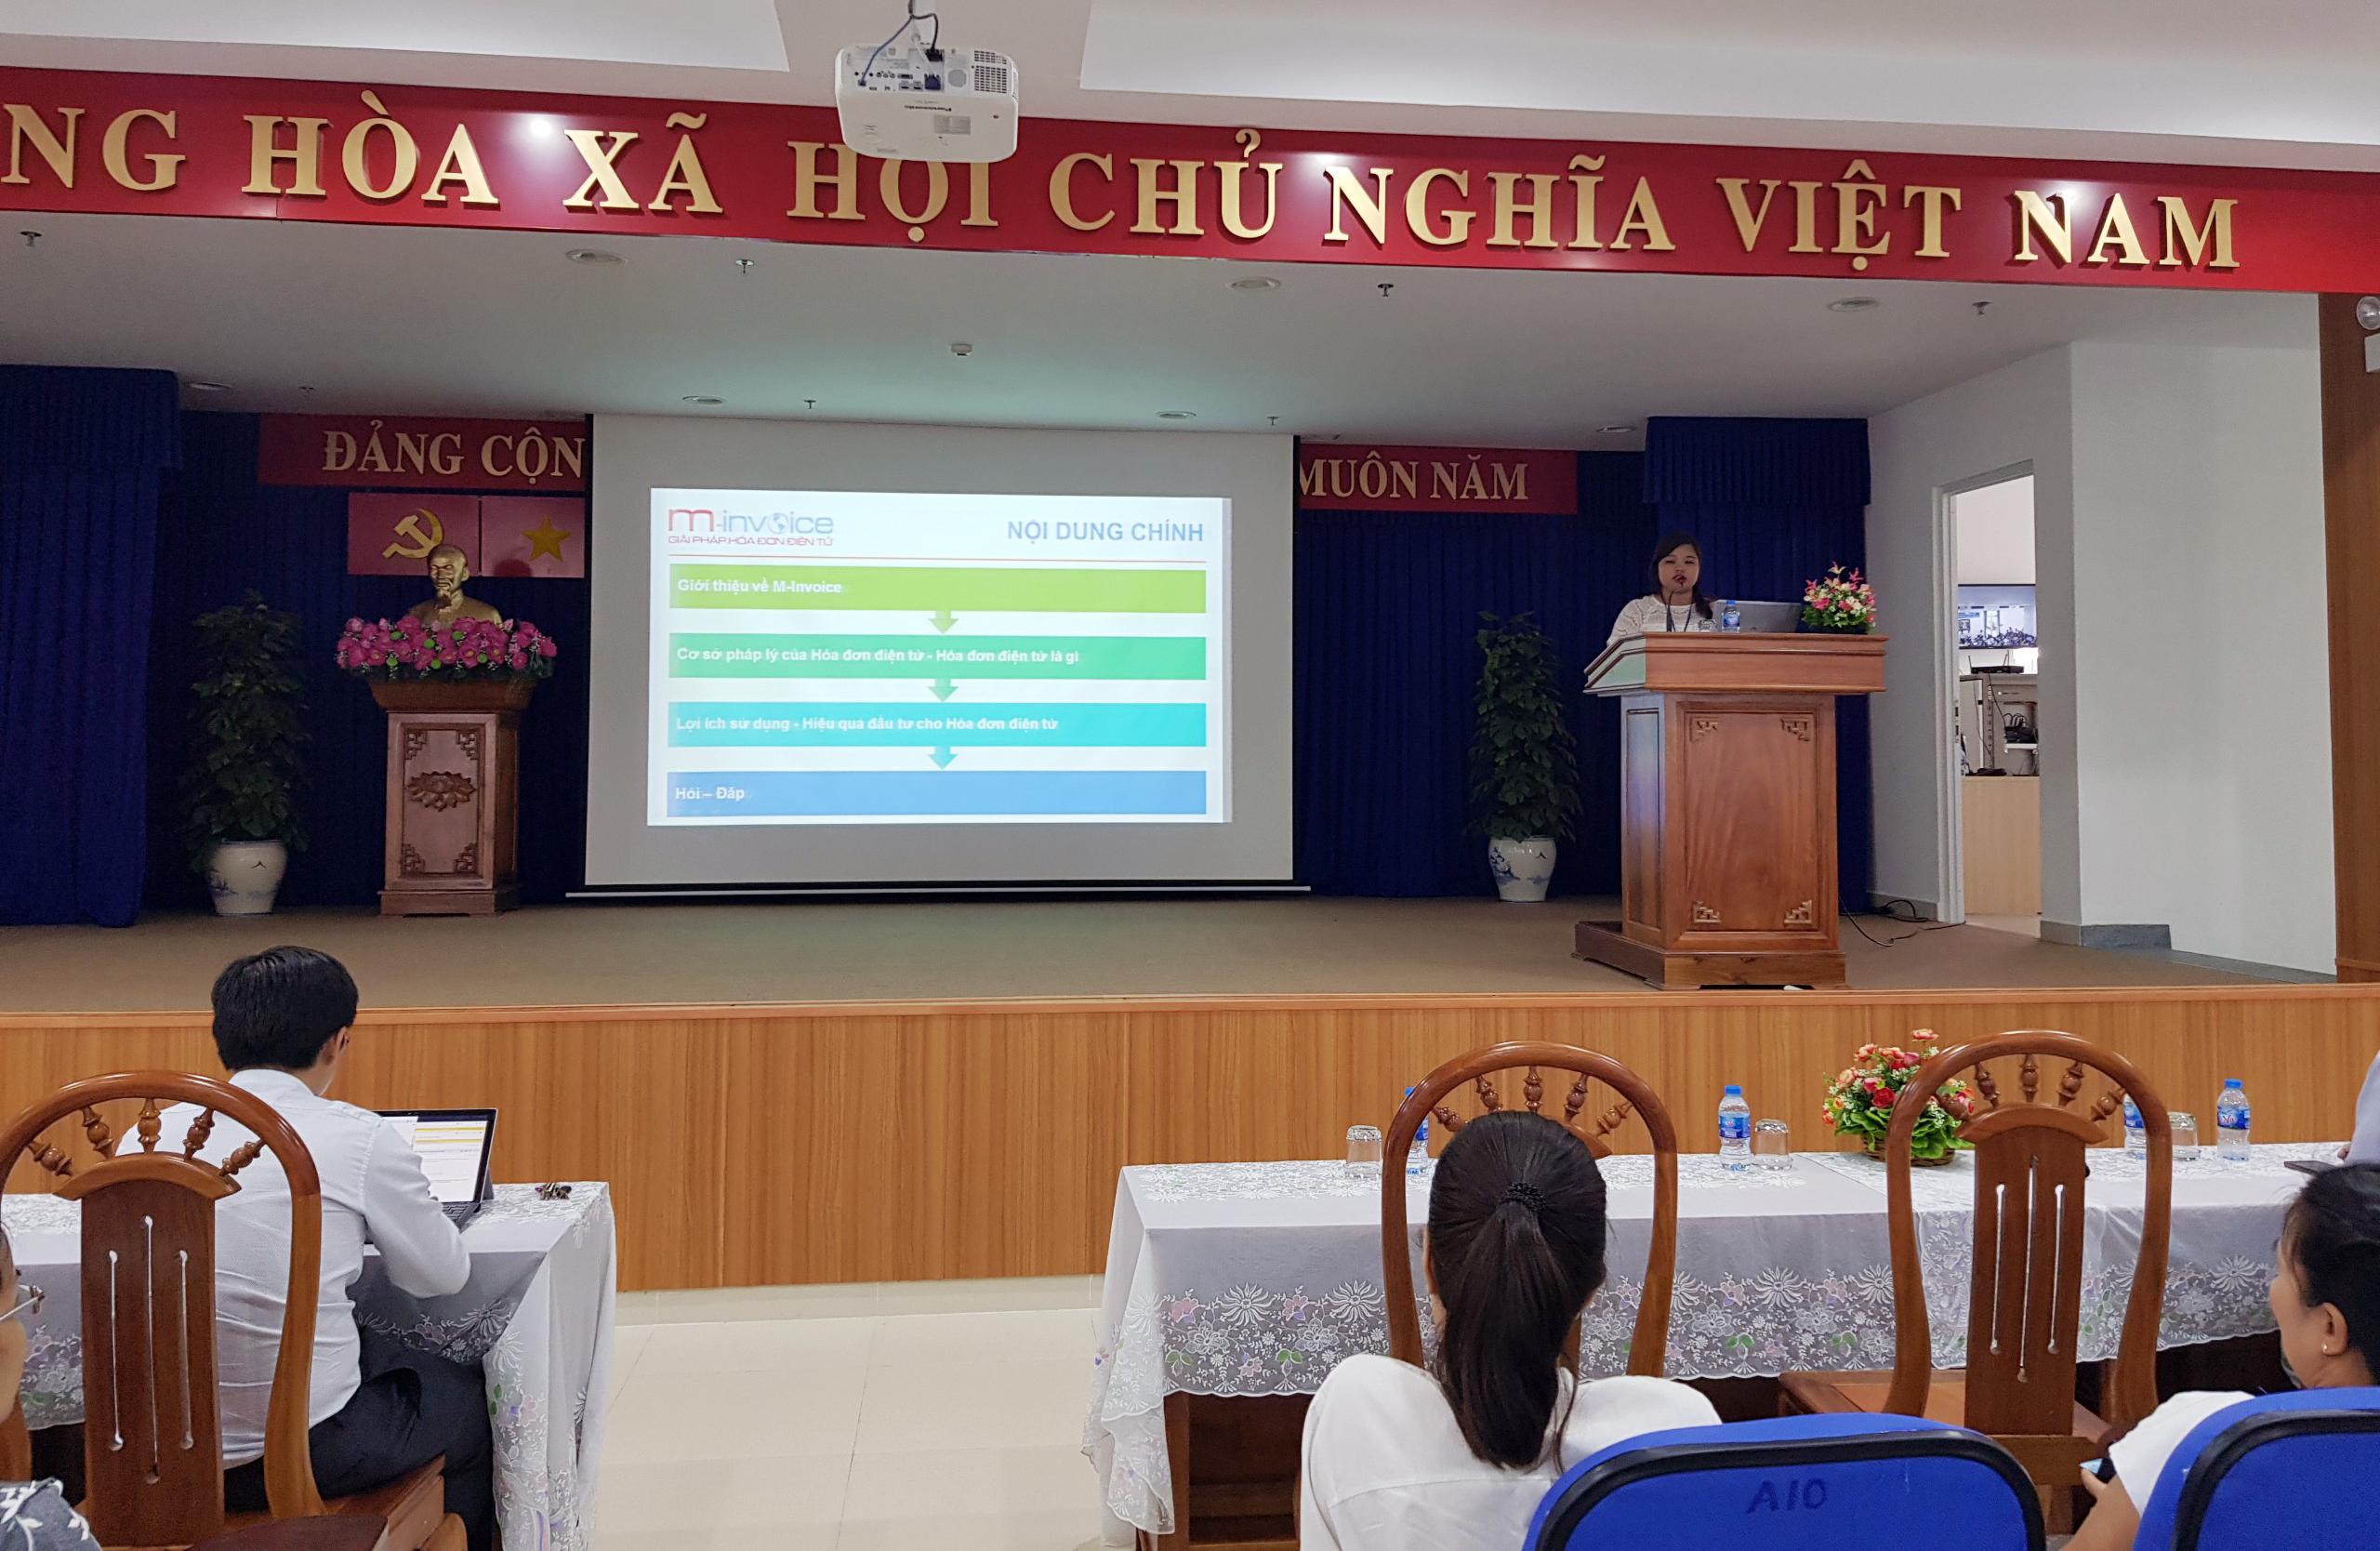 M-Invoice phối hợp cùng Cục thuế thành phố Hồ Chí Minh tập huấn về hóa đơn điện tử tại chi Cục Thuế Phú Nhuận